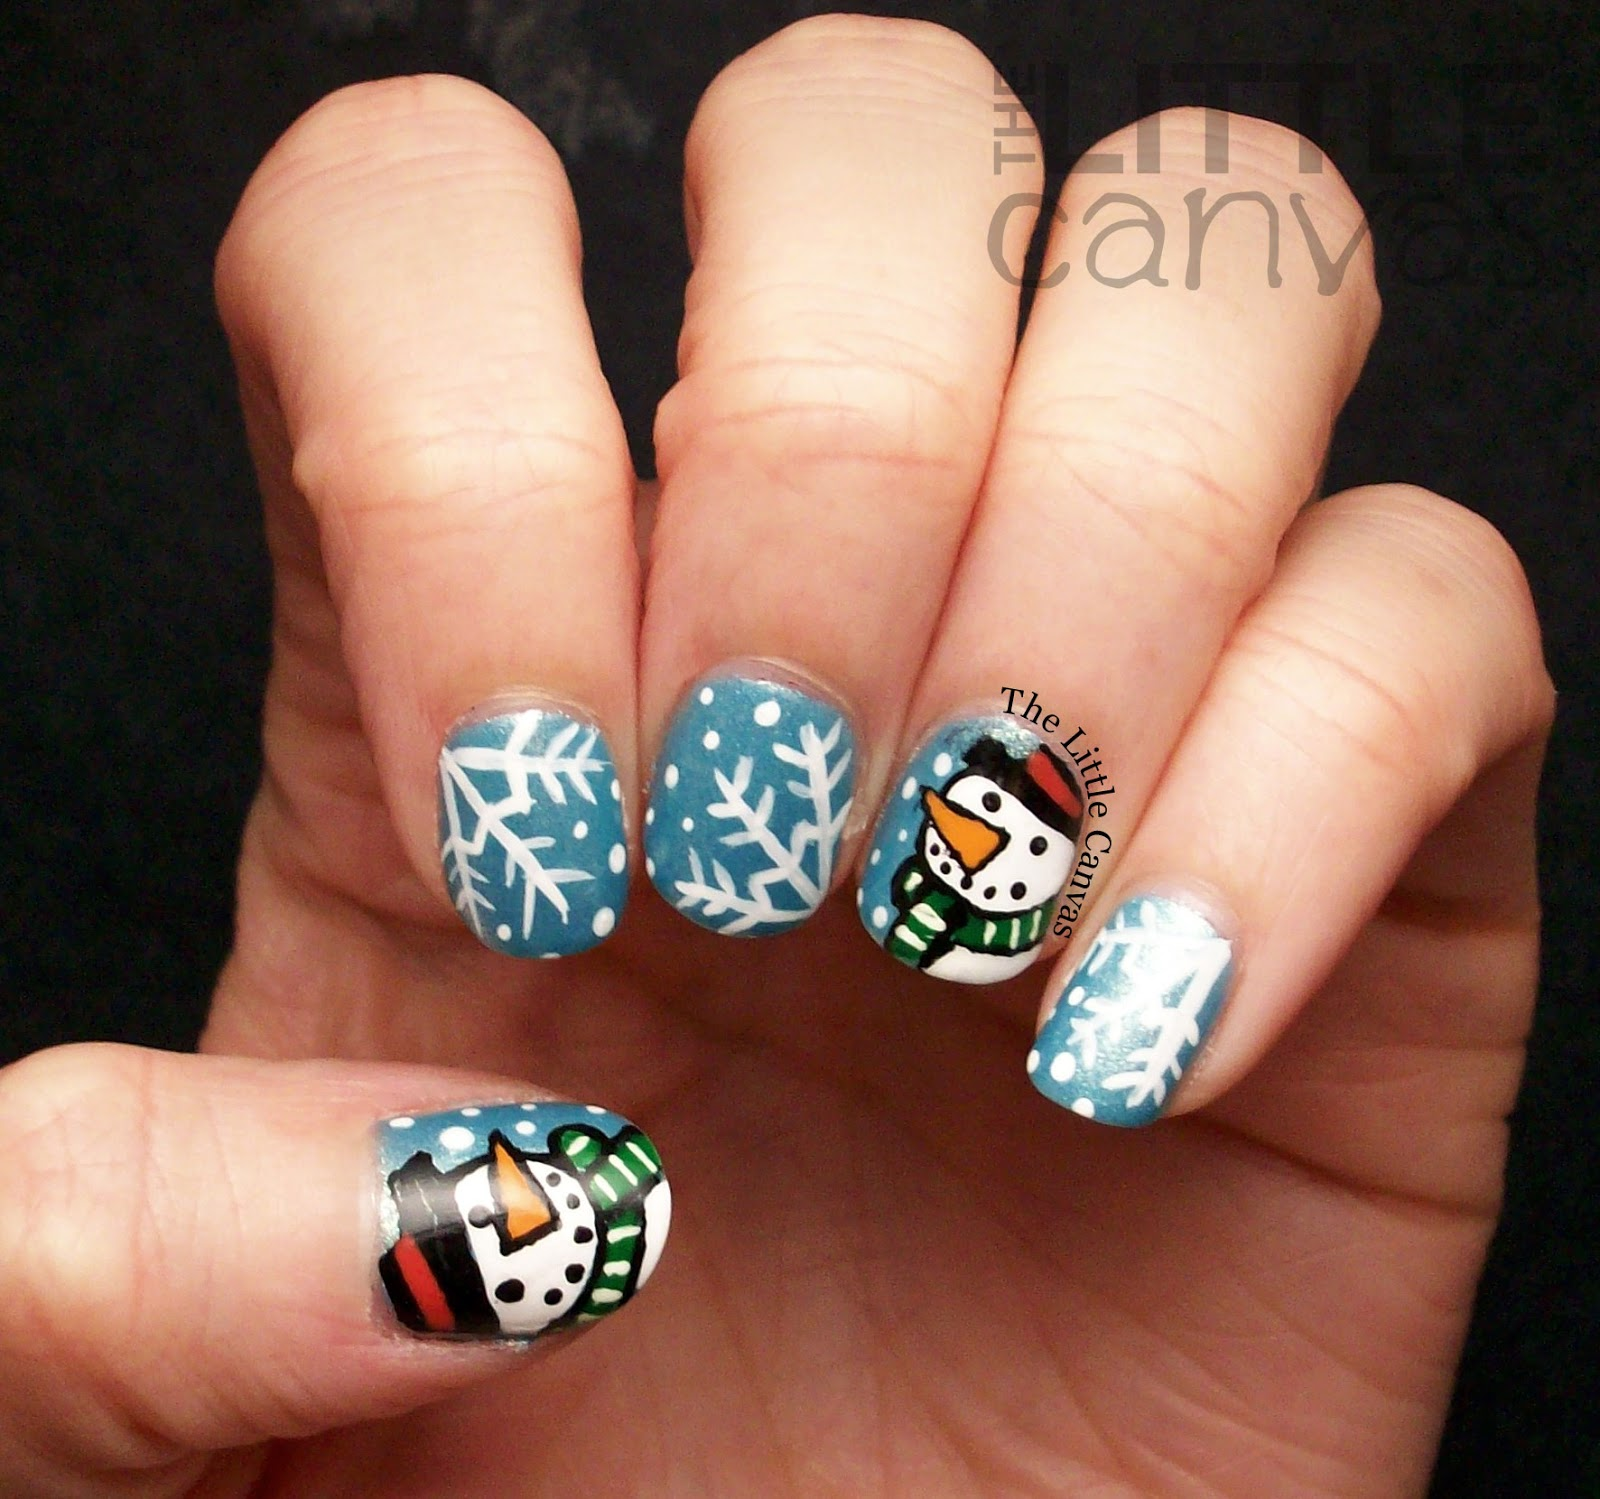 Snowman Nail Art Tutorial: Snowman Nail Art Inspired By SimplyRins